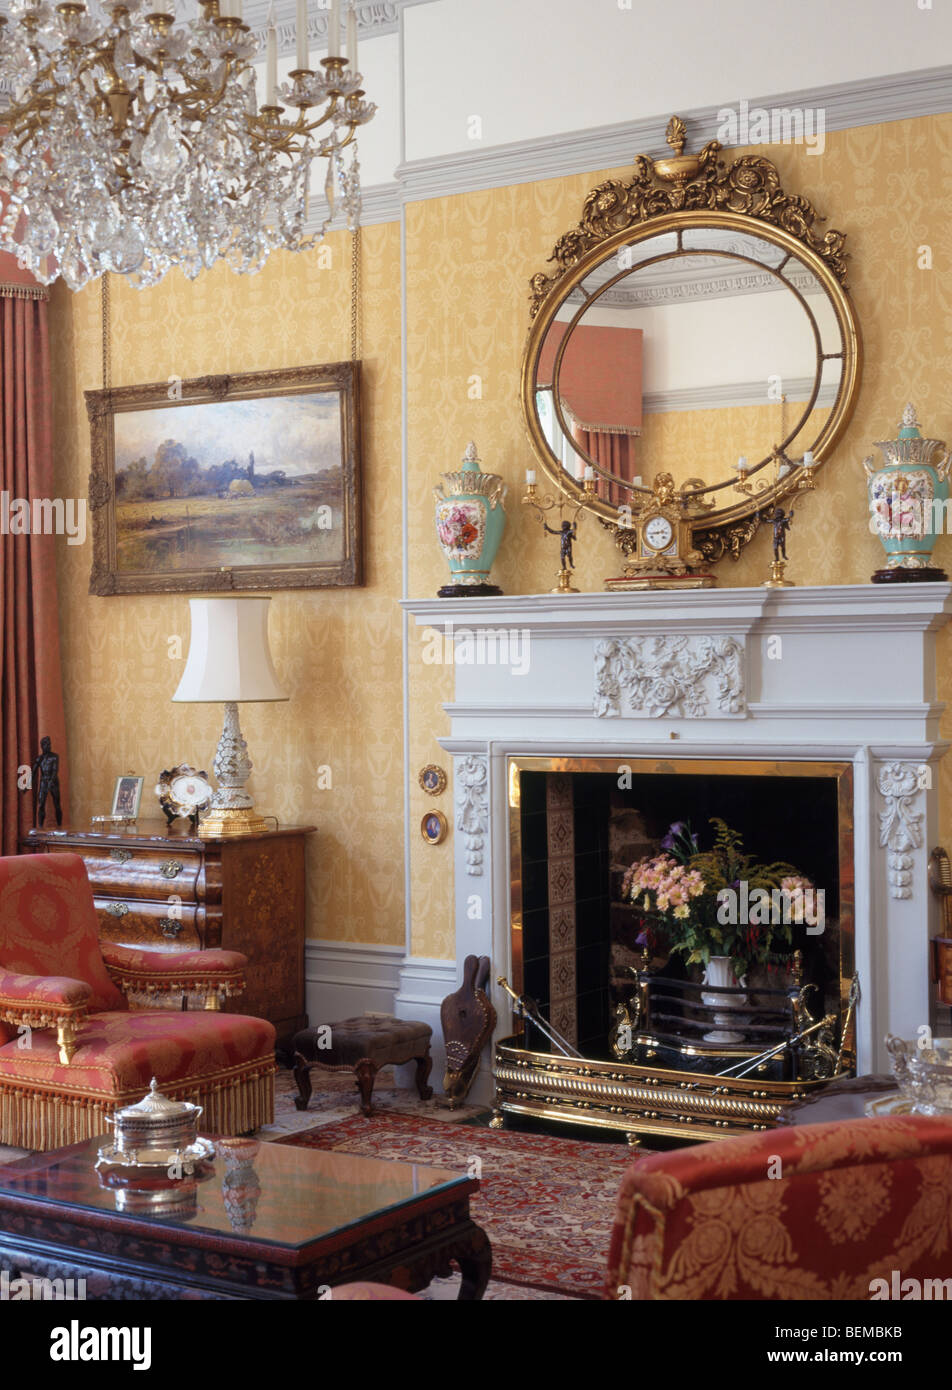 Große antike vergoldete Spiegel über verzierten Kamin im Wohnzimmer ...